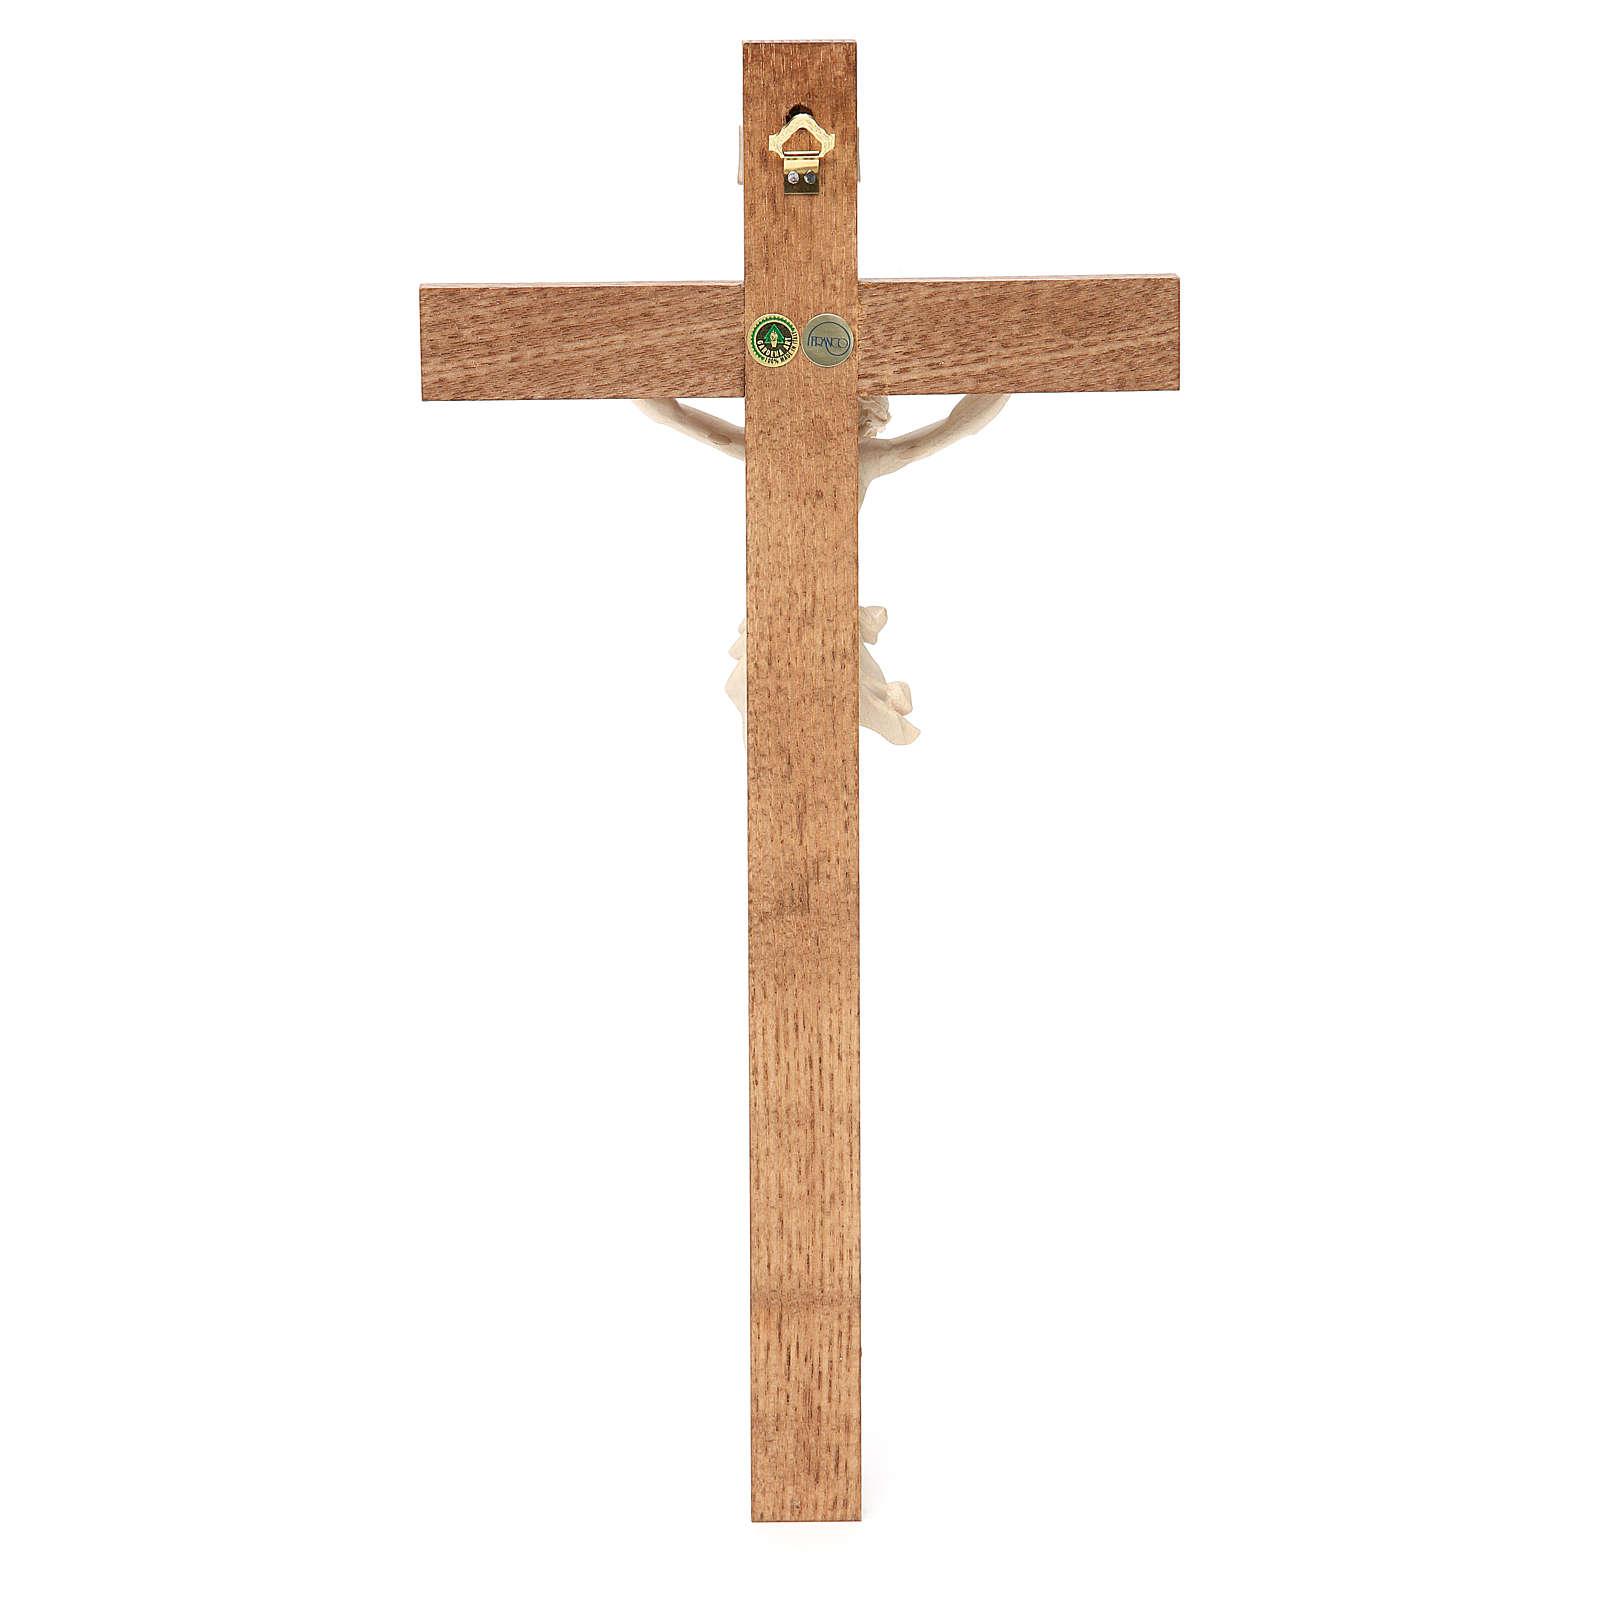 Crocefisso mod. Corpus croce dritta legno Valgardena naturale ce 4